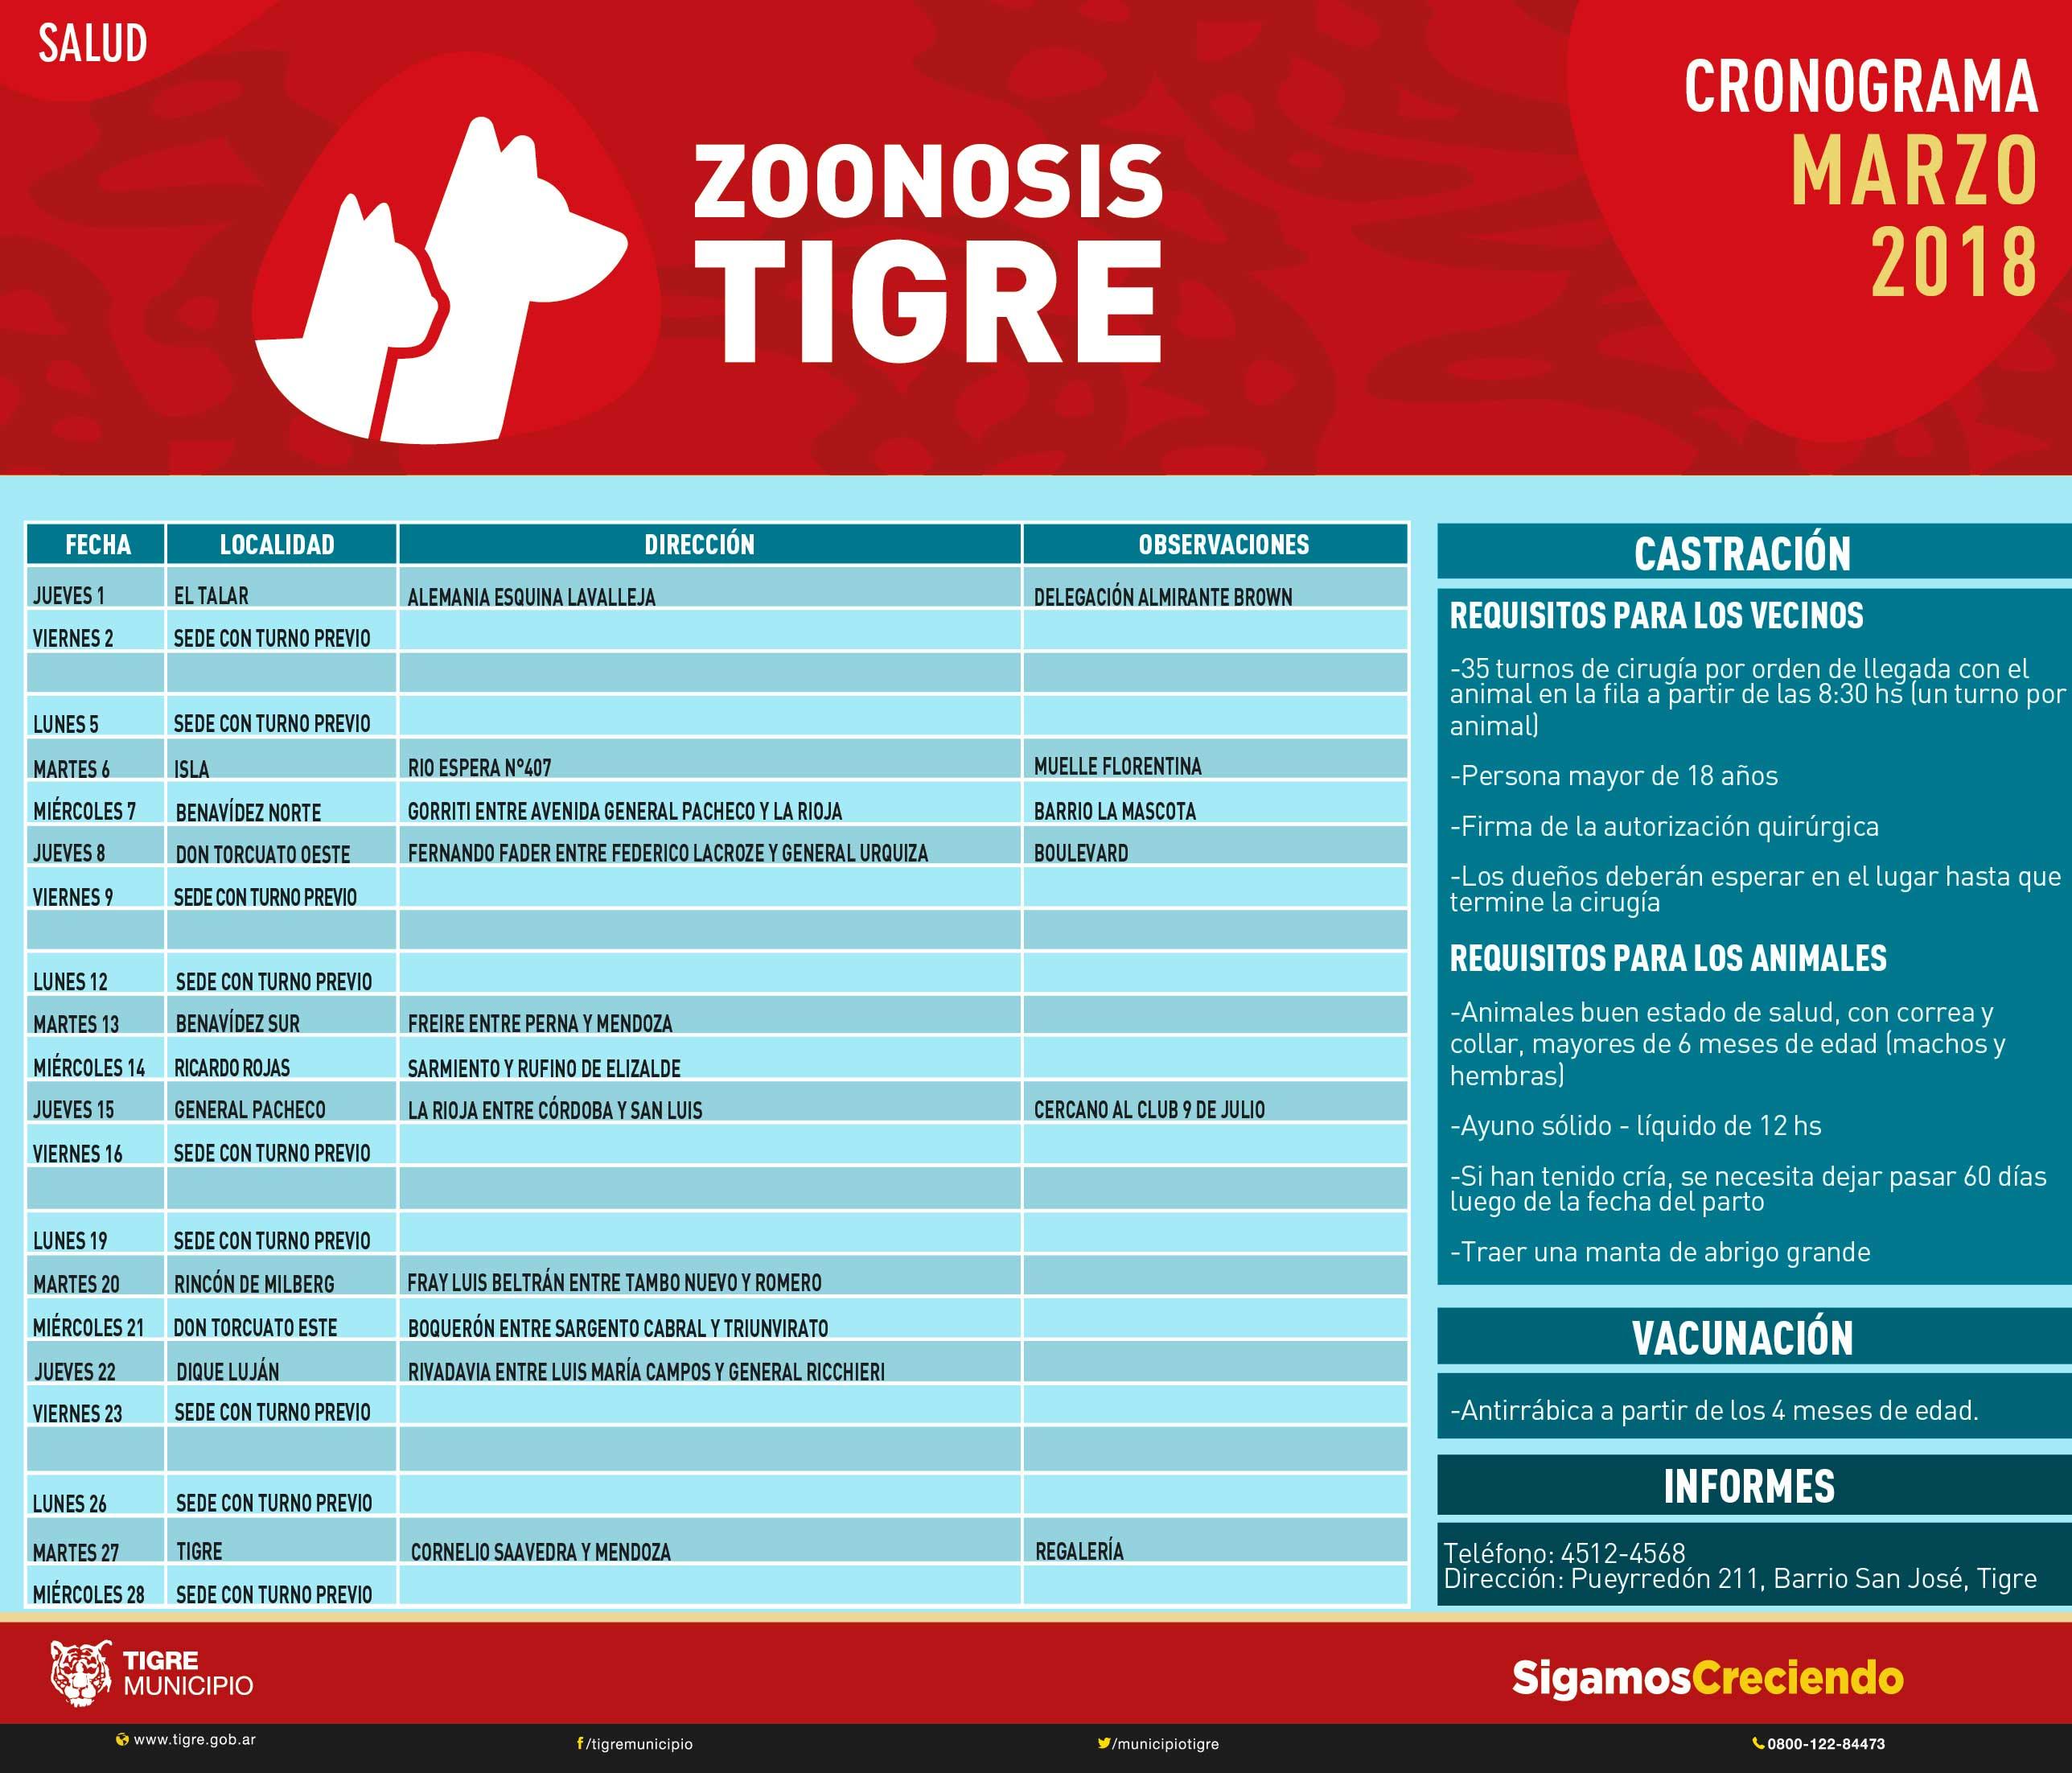 Zoonosis Marzo